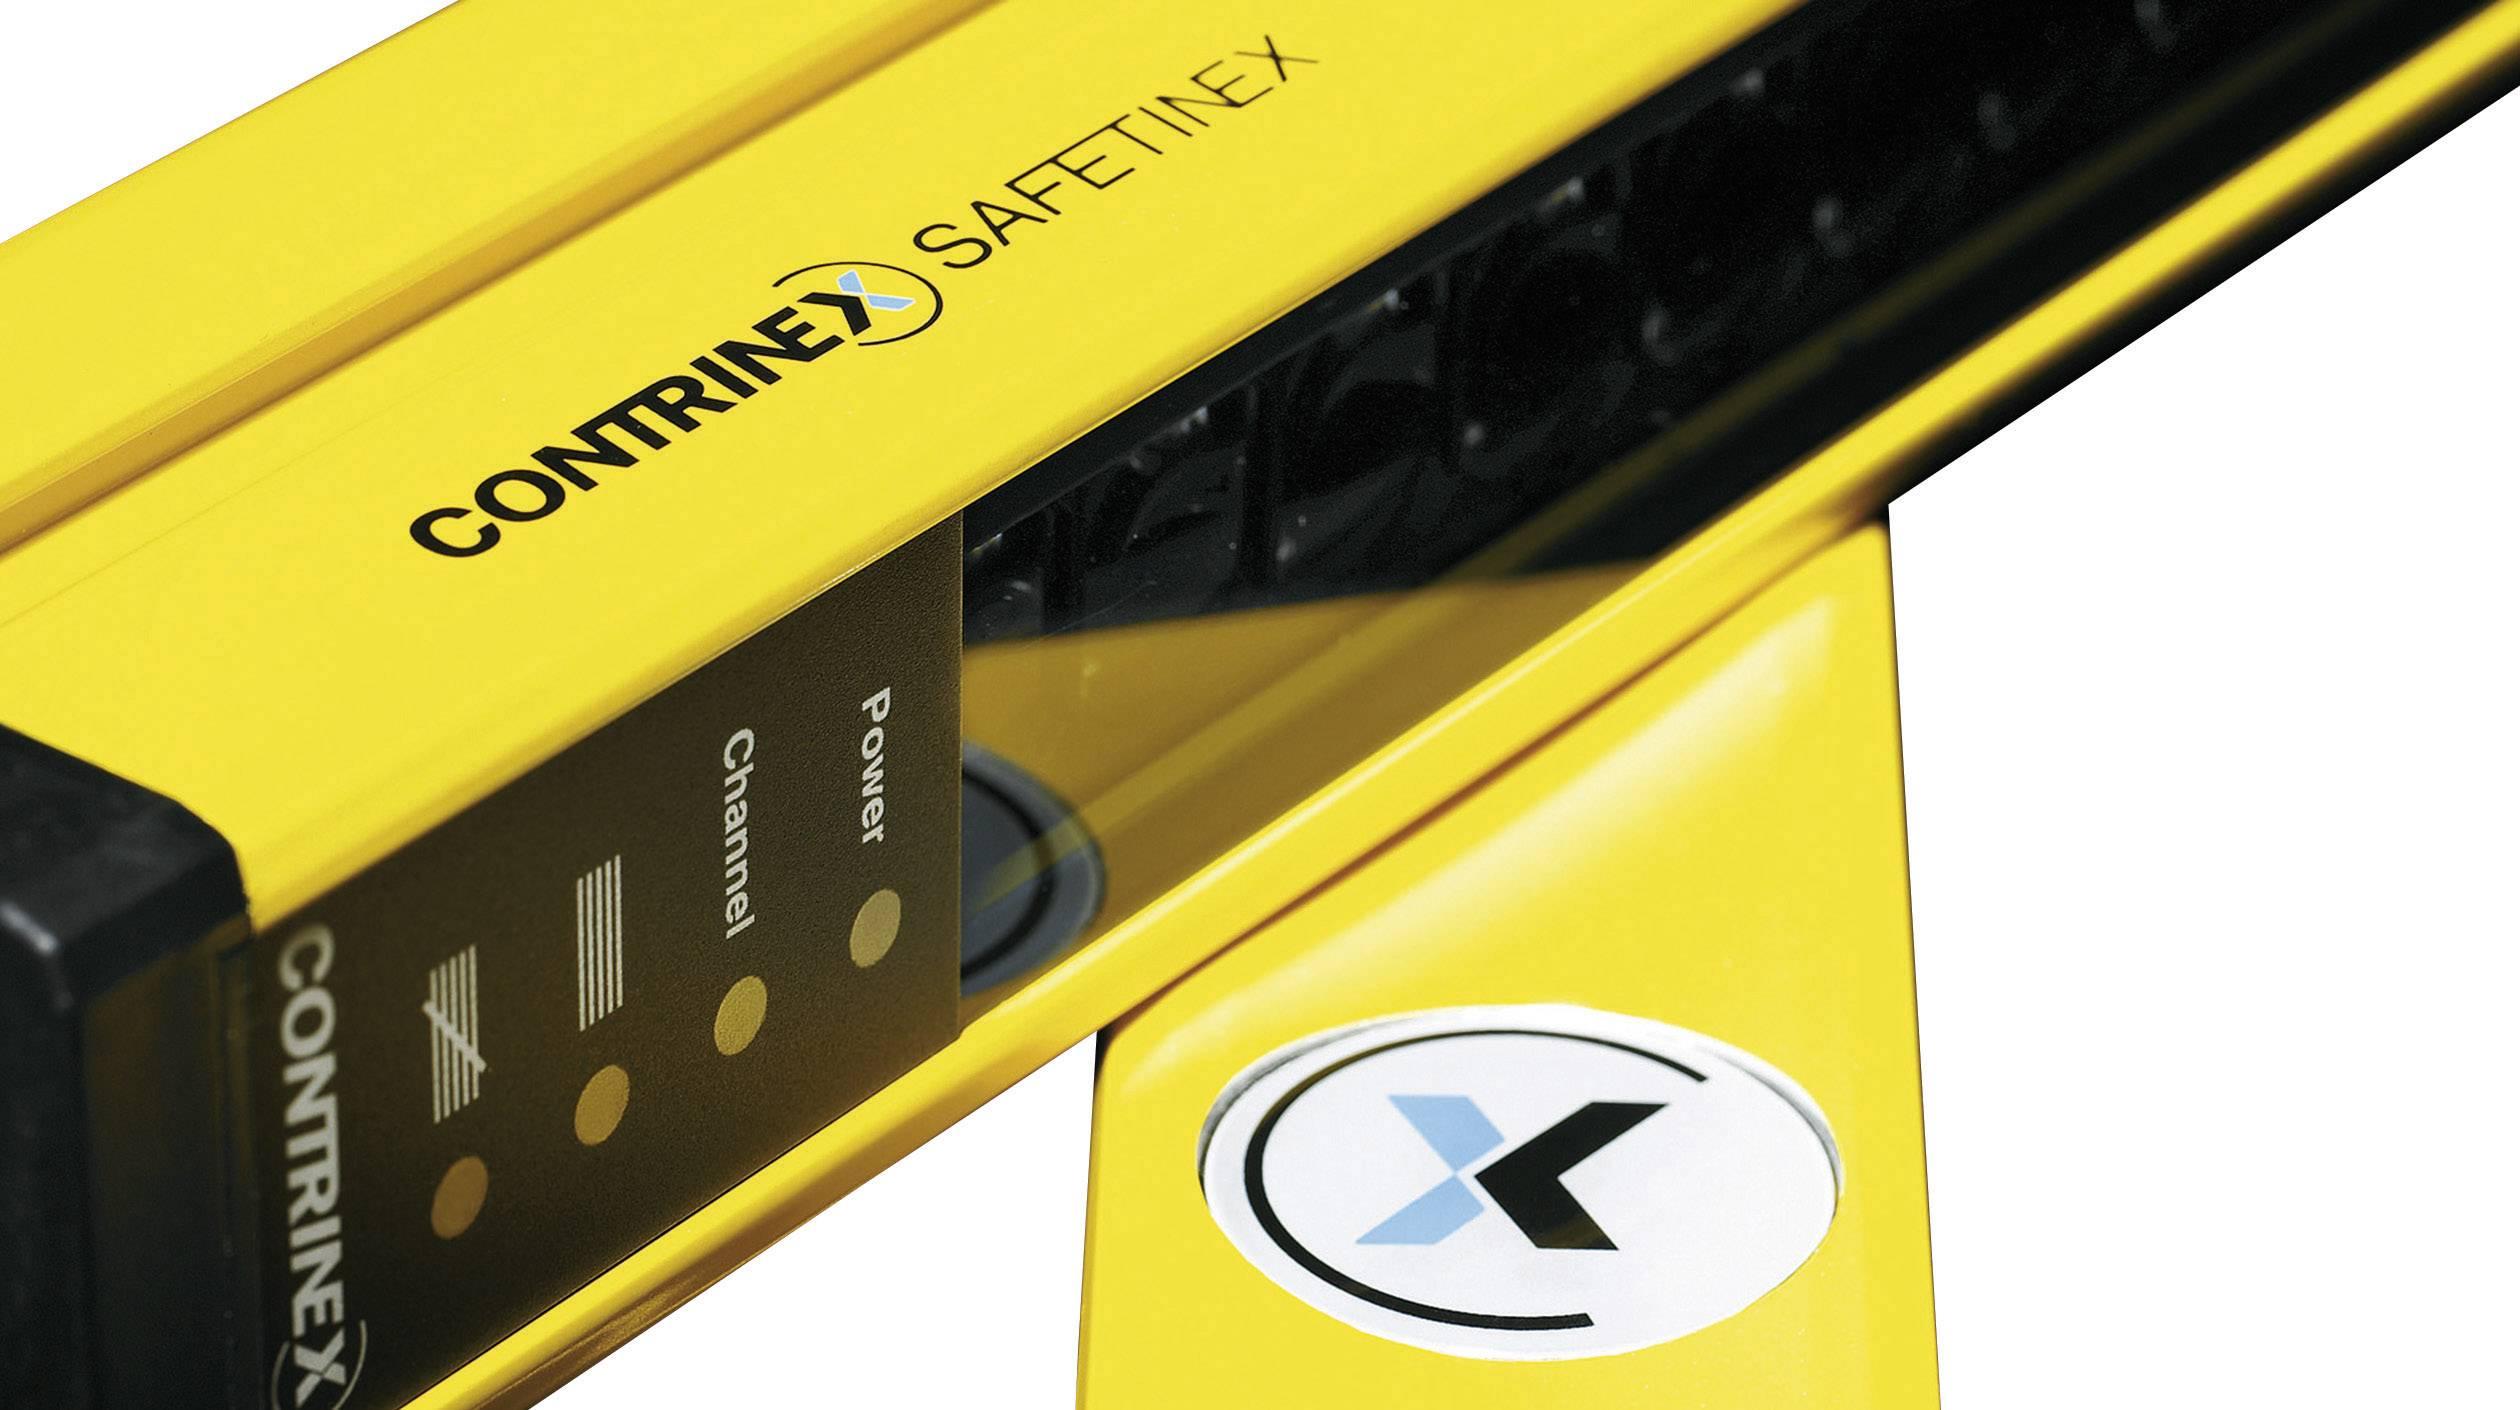 Bezpečnostní světelná závora pro ochranu rukou Contrinex YBB-30R4-0700-G012 630 000 685